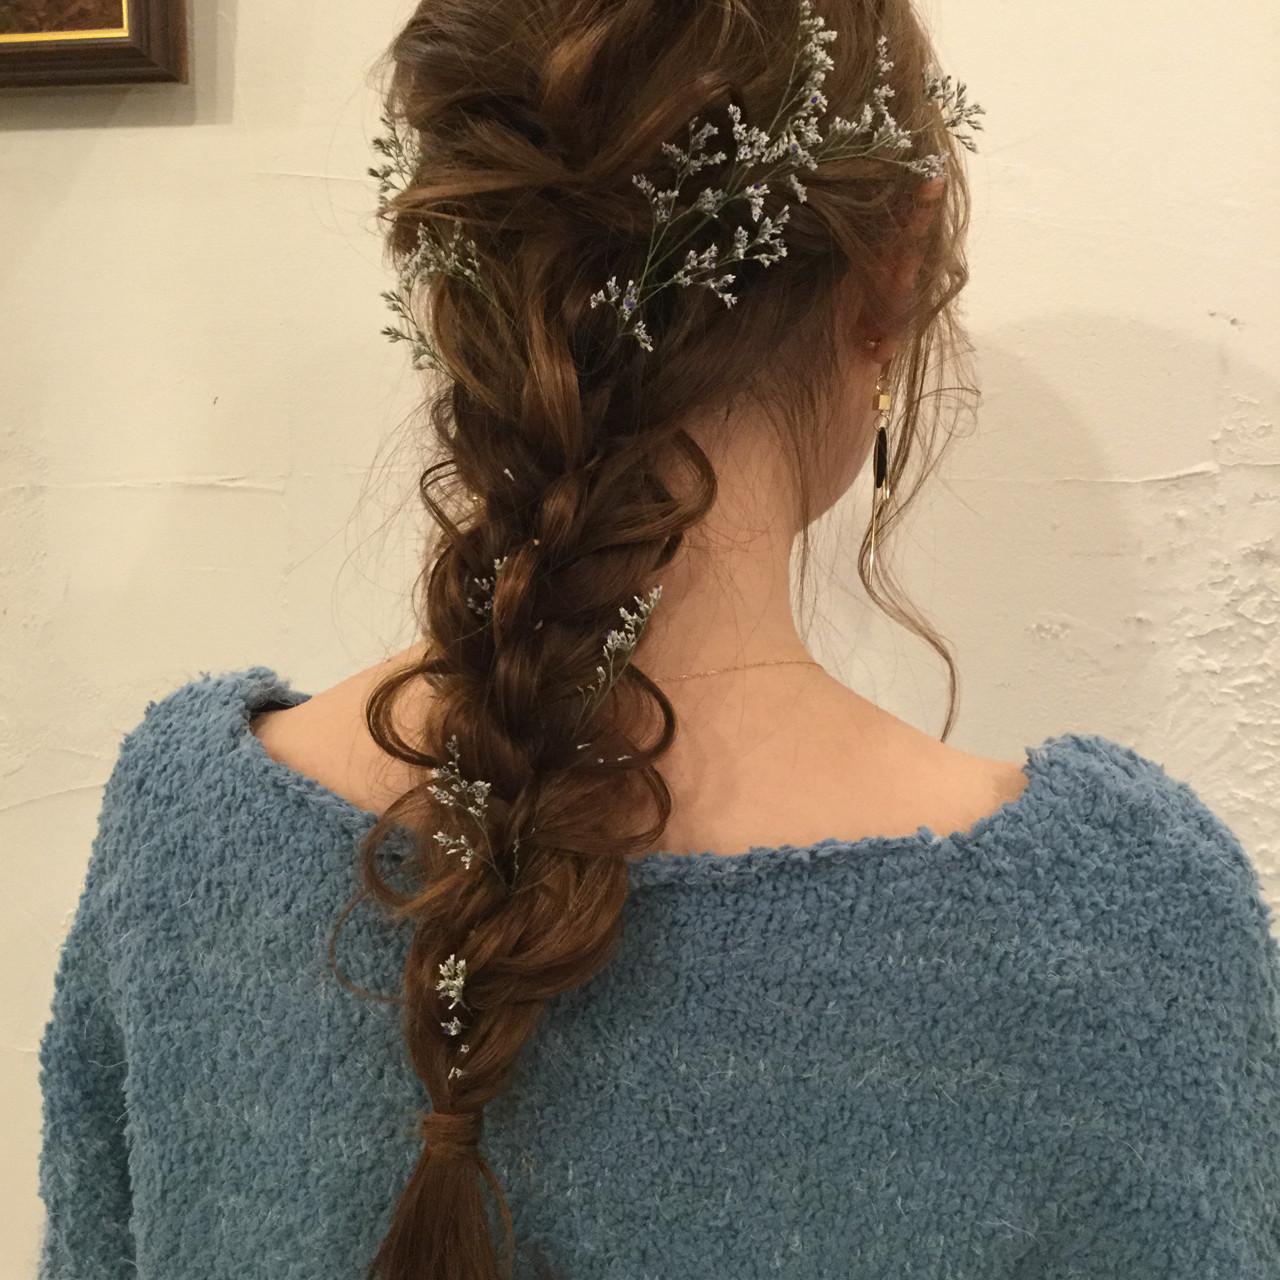 フェミニンな編みおろしはルーズにほぐす 那須達敦 | kiki